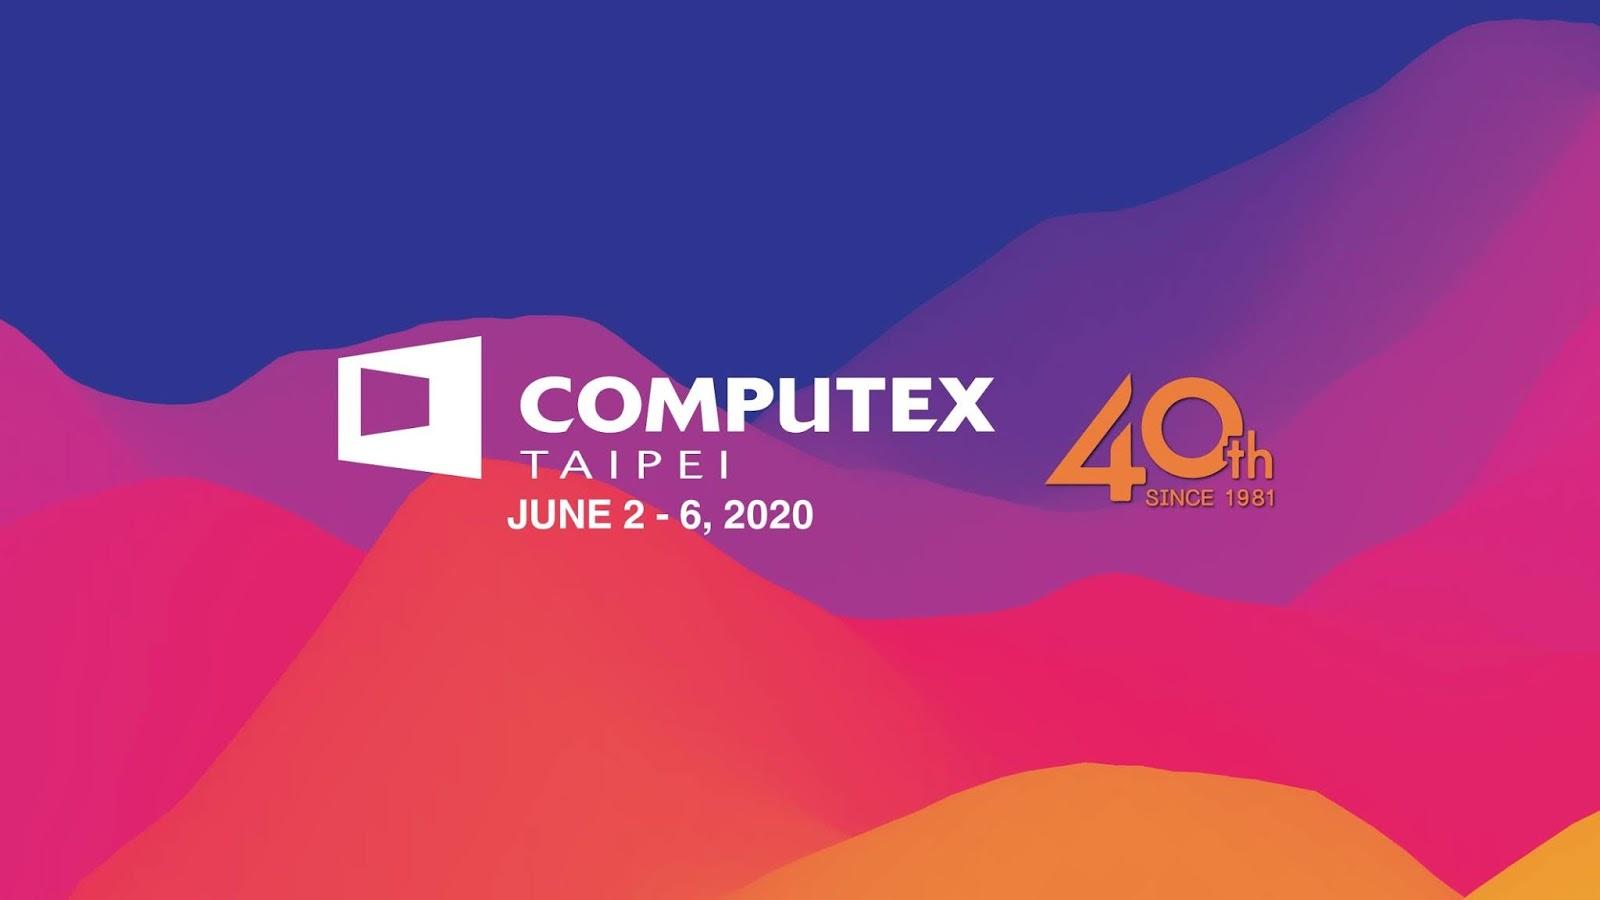 الغاء معرض Computex 2020 رسمياً ، و الى اللقاء في عام 2021